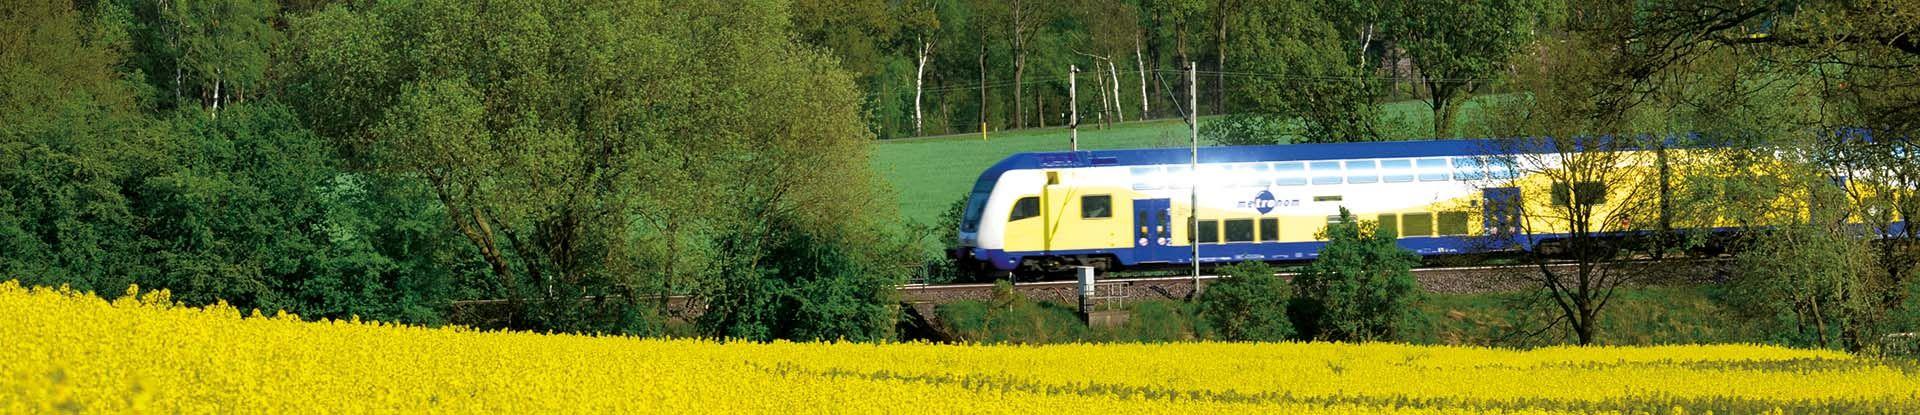 Anreise nach Bad Bevensen: Metronom